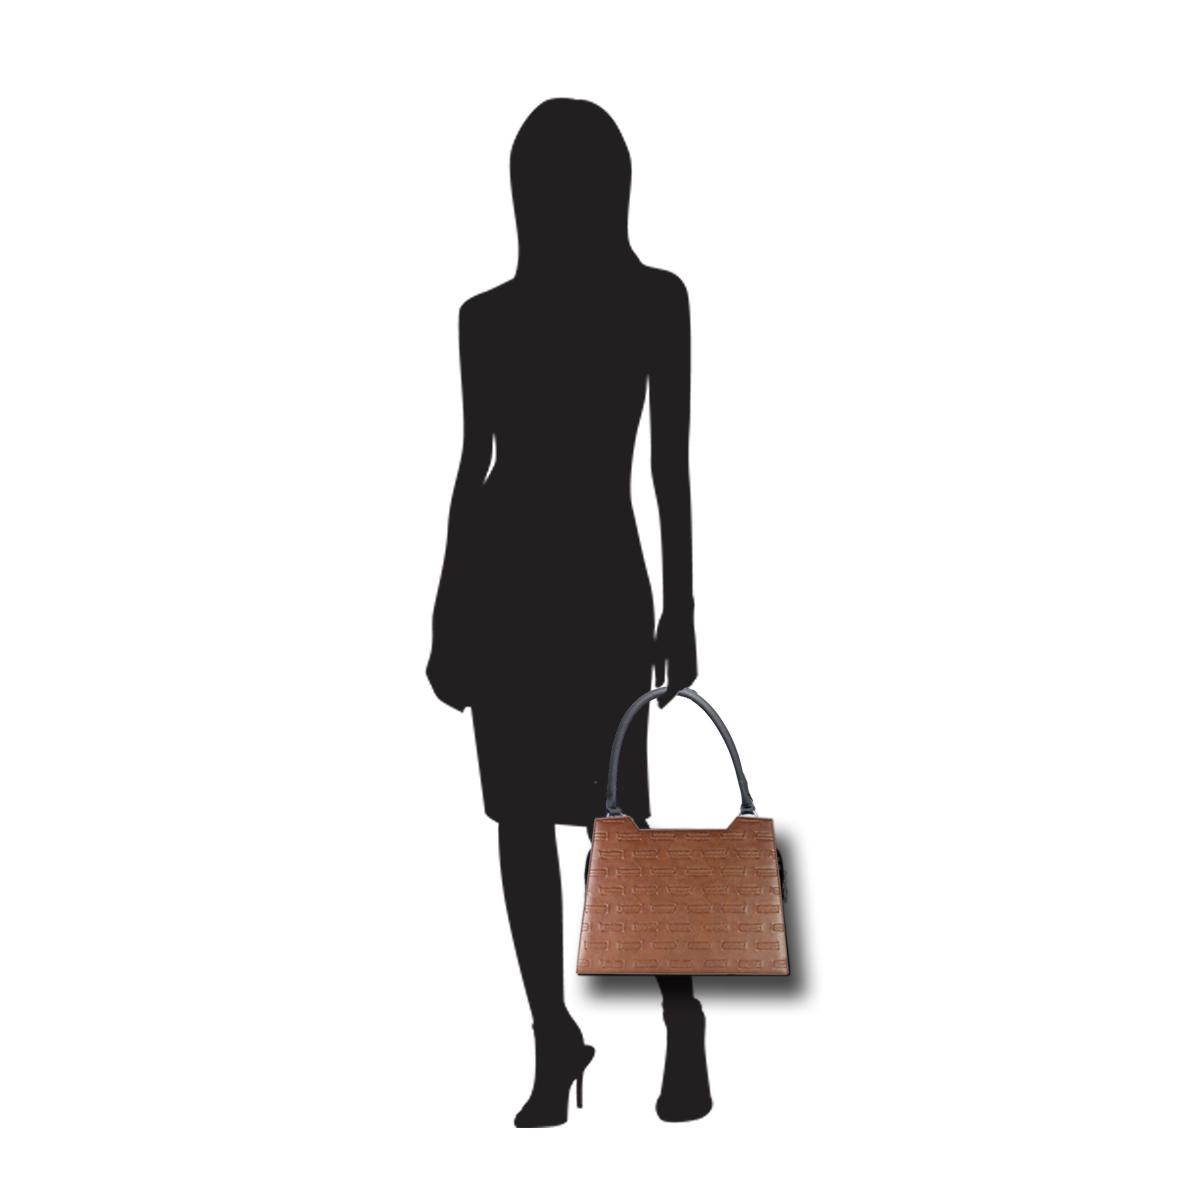 Puppe 170 cm groß zeigt die Taschengröße an . Modell: Nuuk